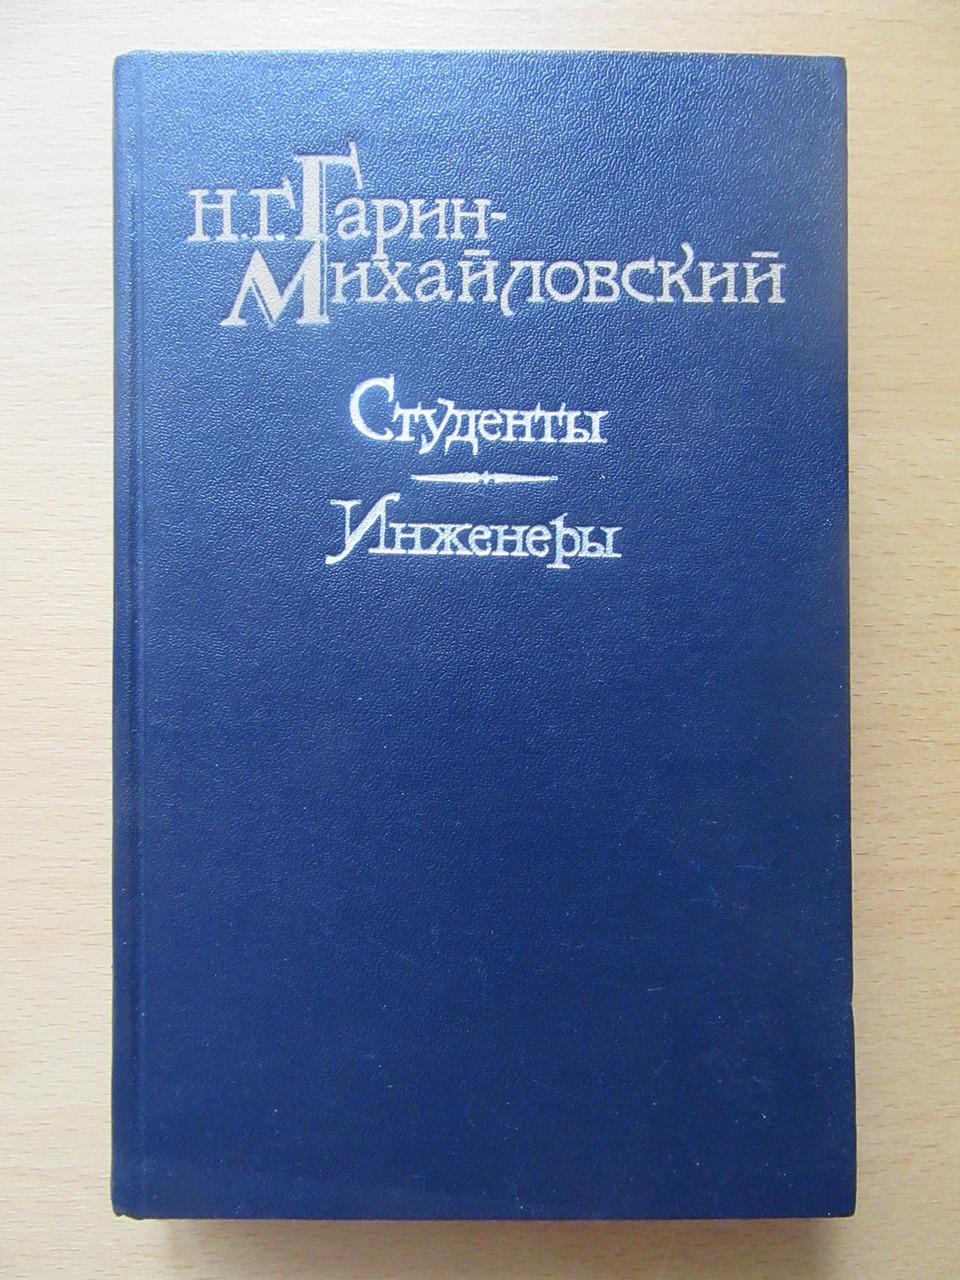 Н.Г.Гарин-Михайловский. Студенты. Инженеры